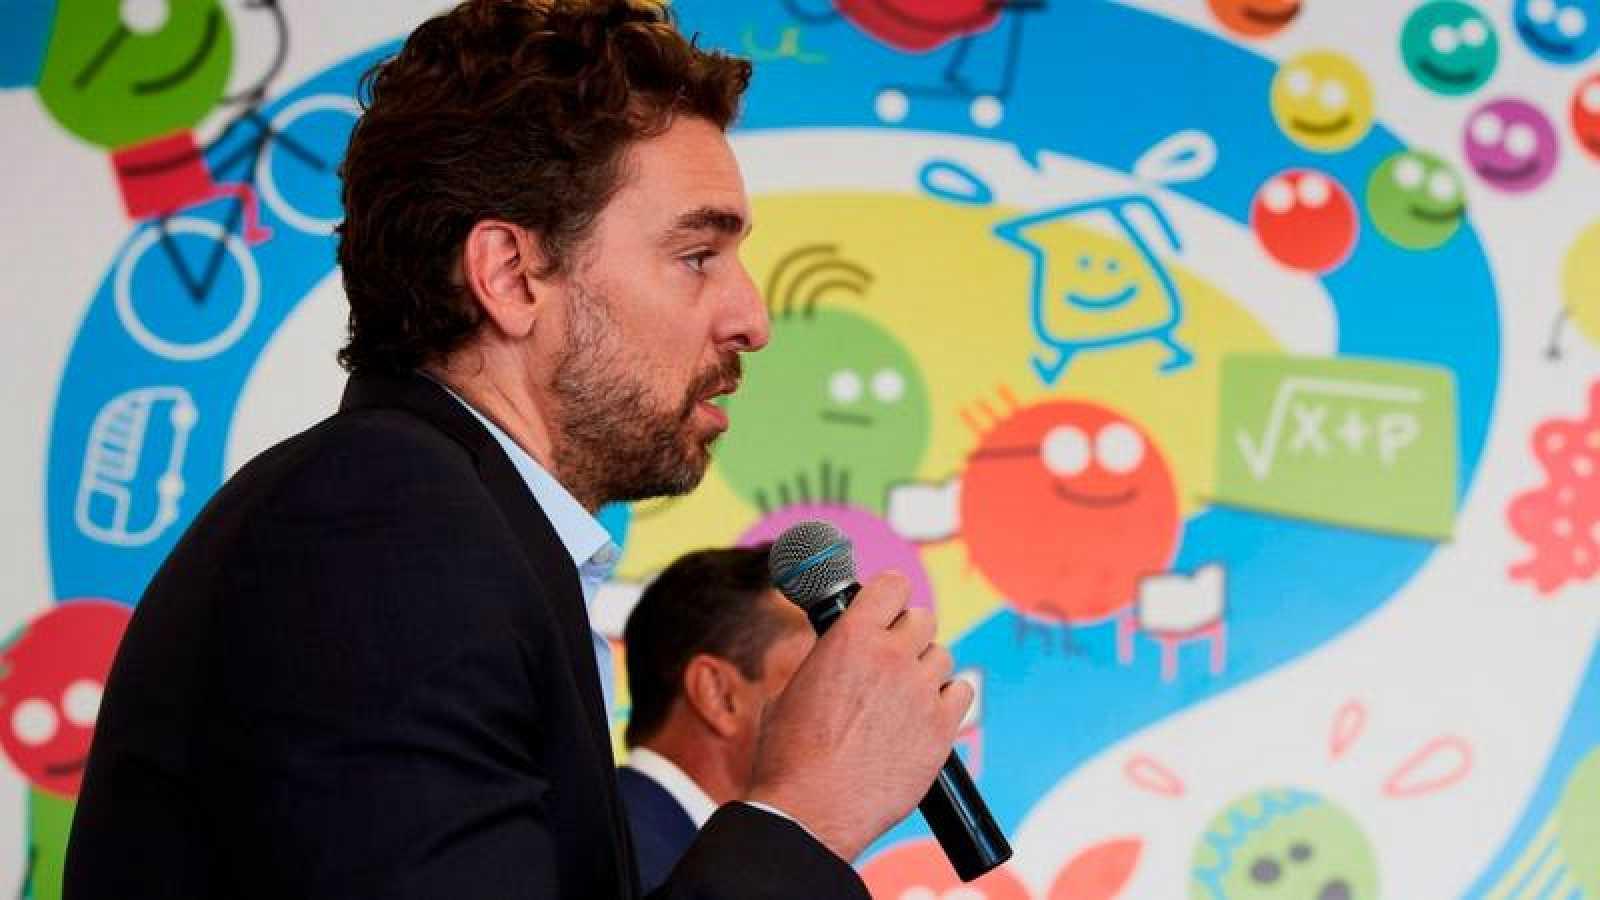 El pívot española Pau Gasol en un acto comercial.